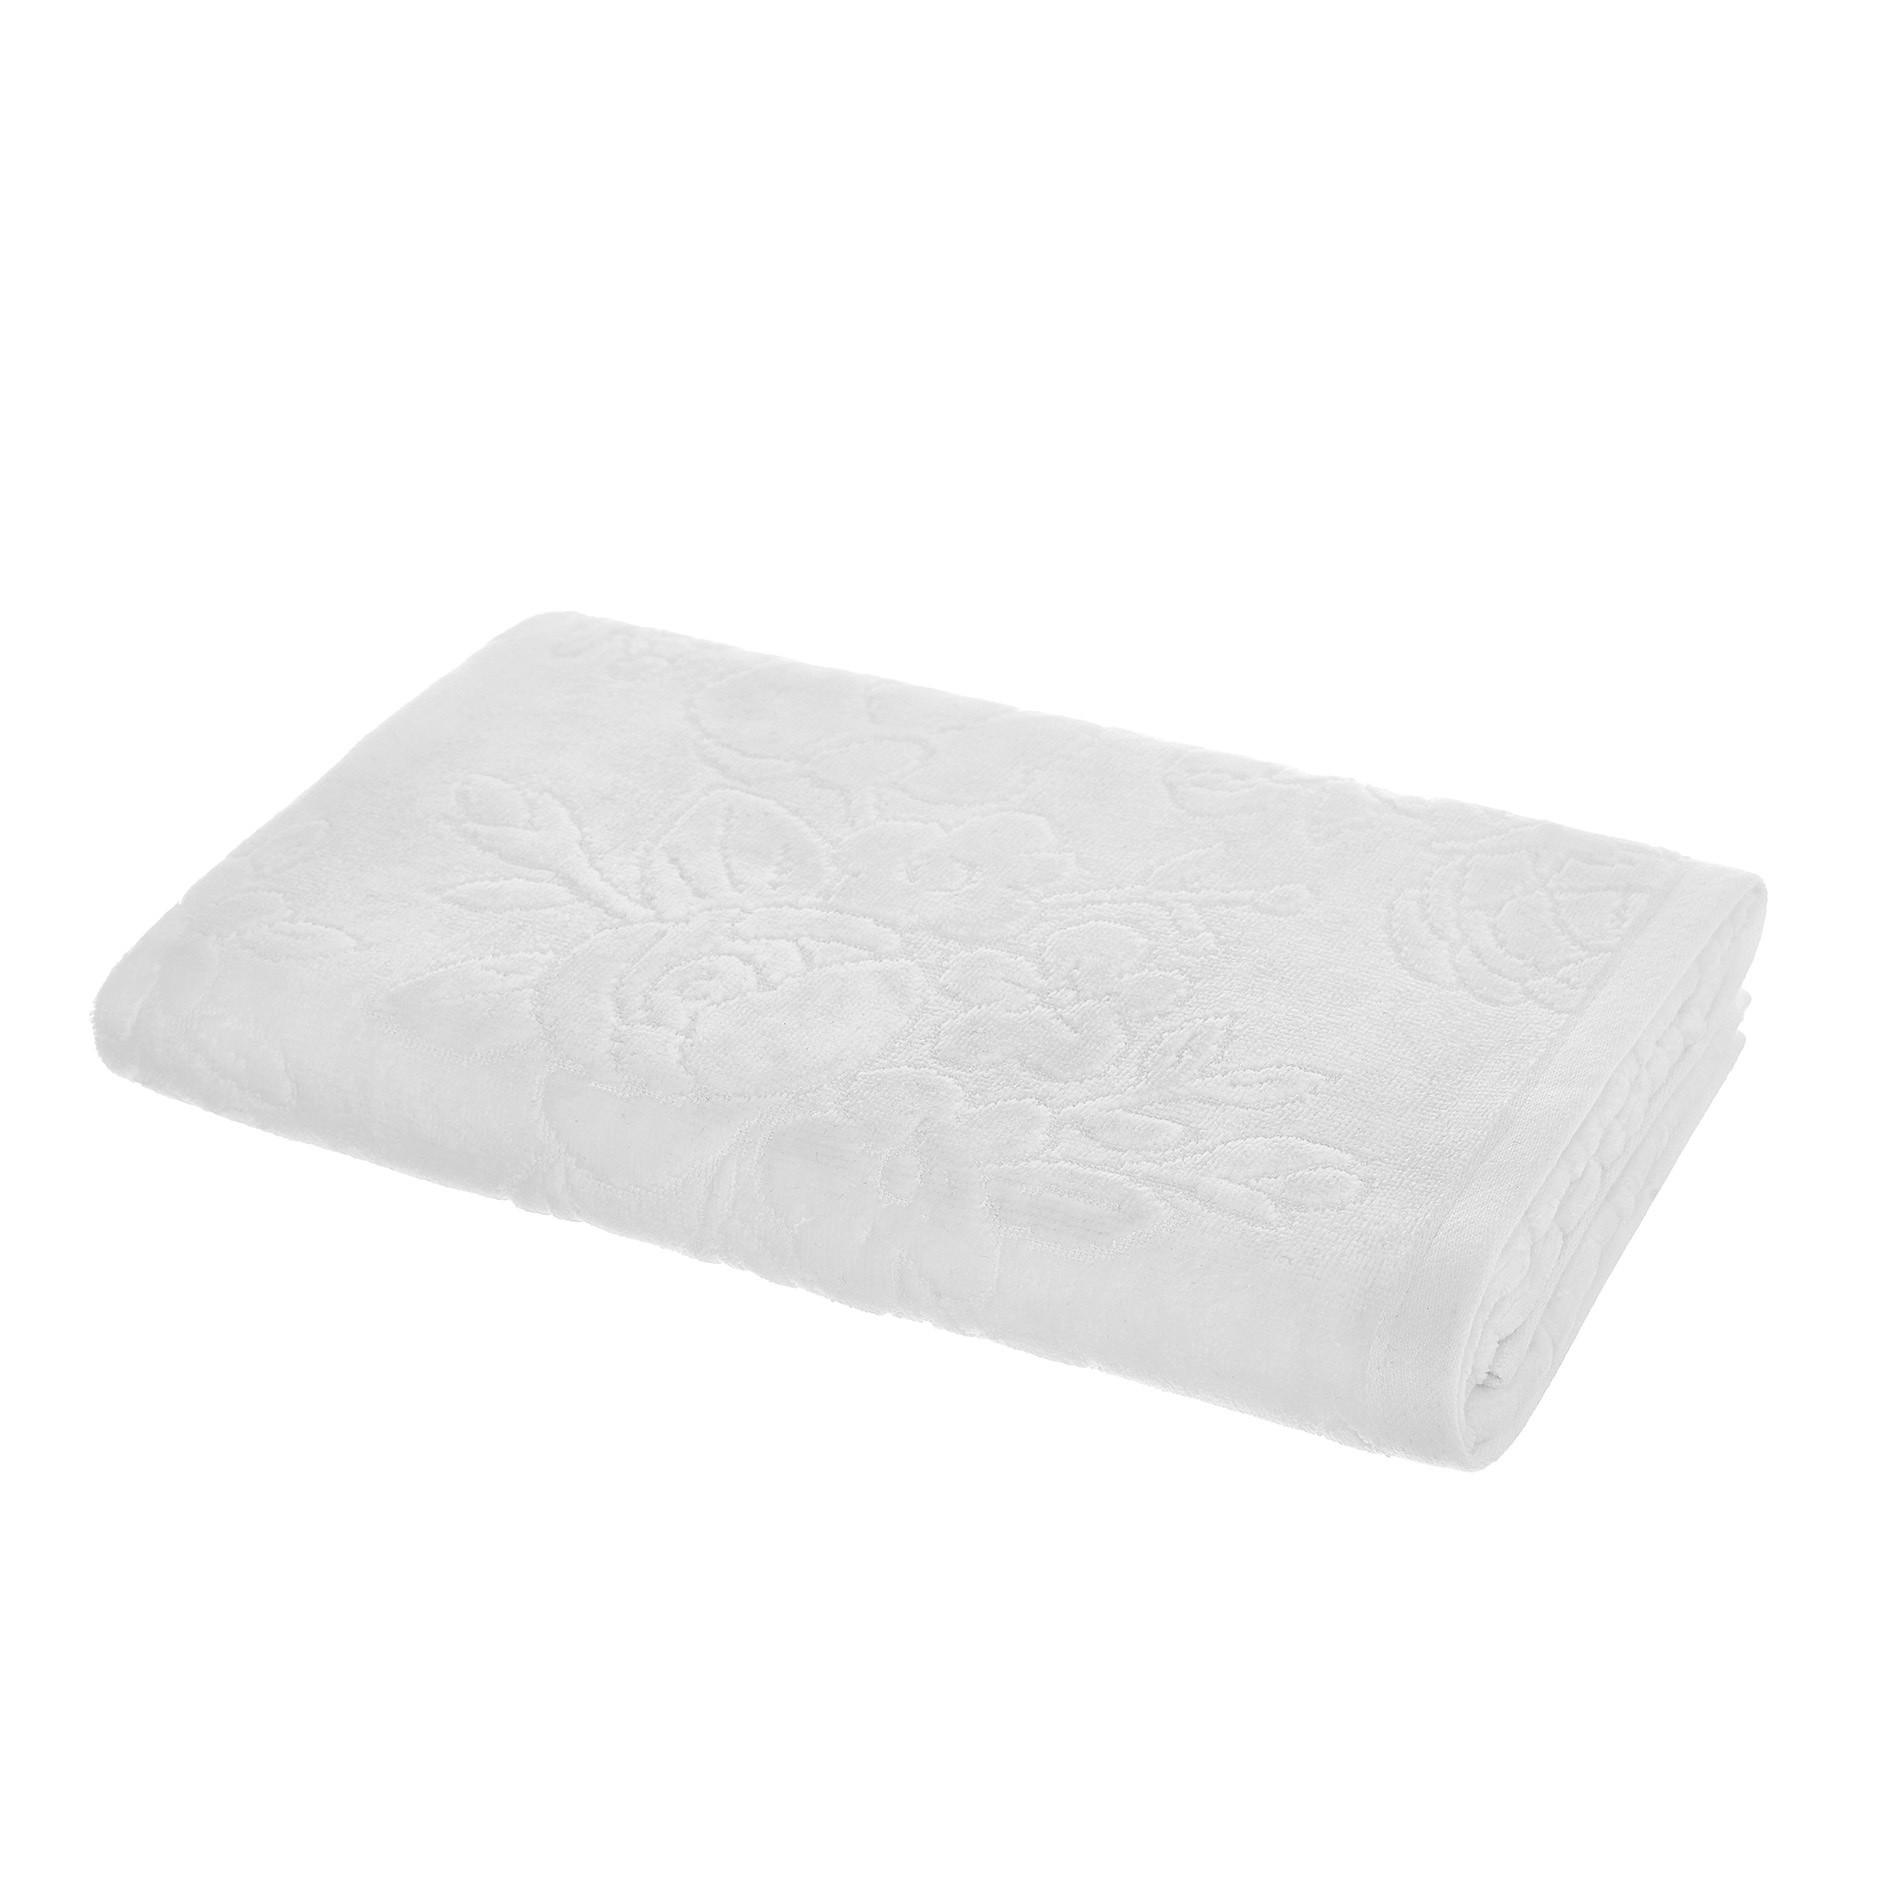 Asciugamano puro cotone lavorazione floreale, Bianco, large image number 1